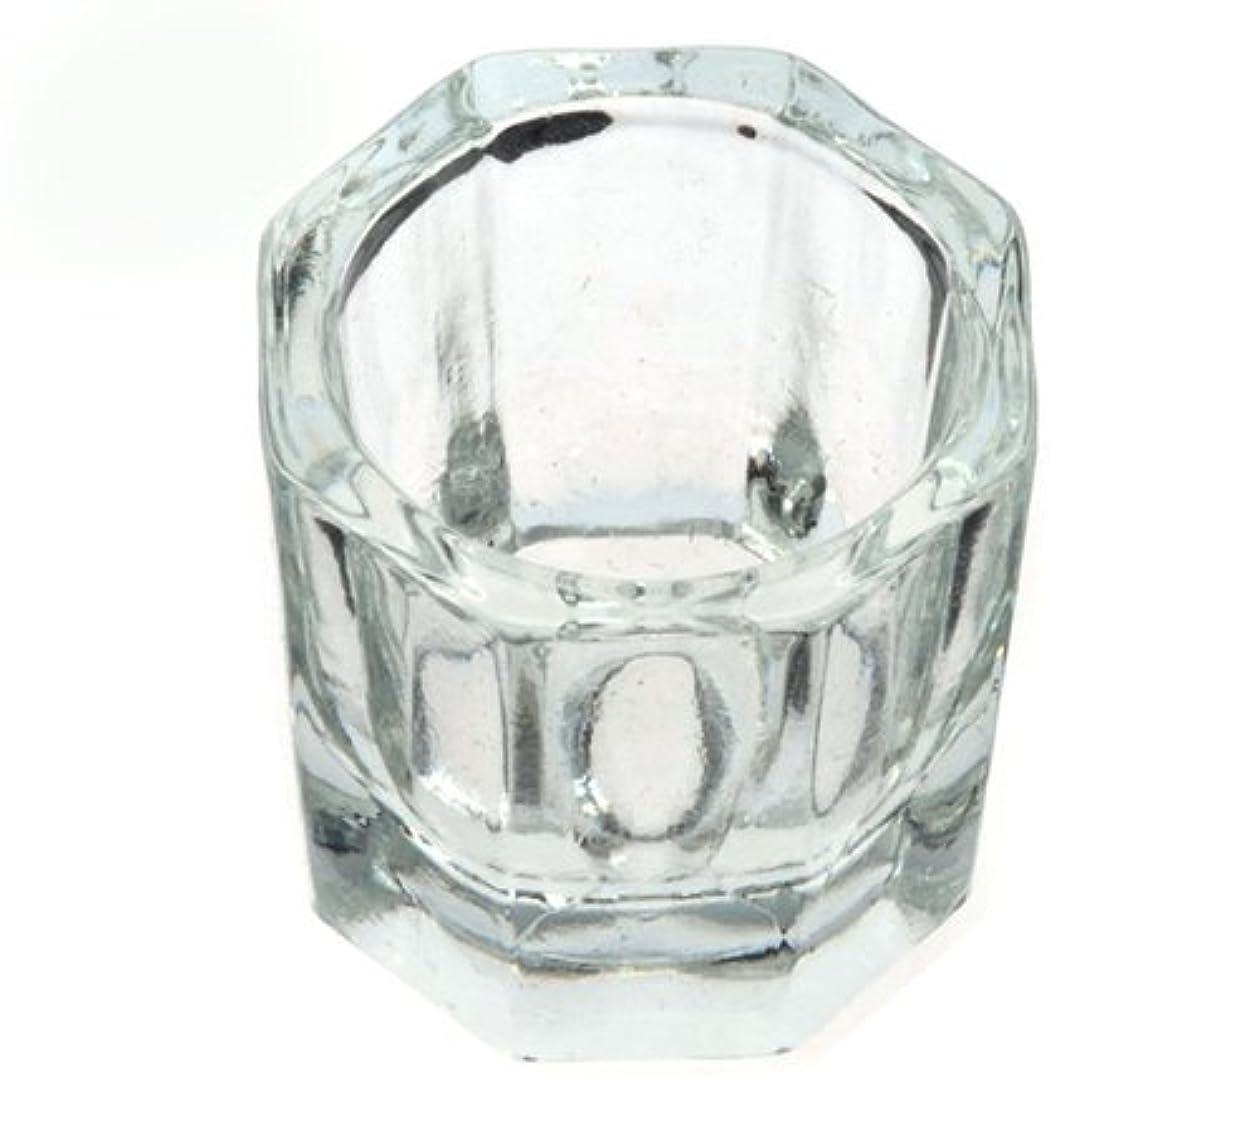 十分です魅惑的な塩ダッペンディッシュ グラスディッシュ 筆洗い ガラス容器 ジェルネイル用筆洗浄